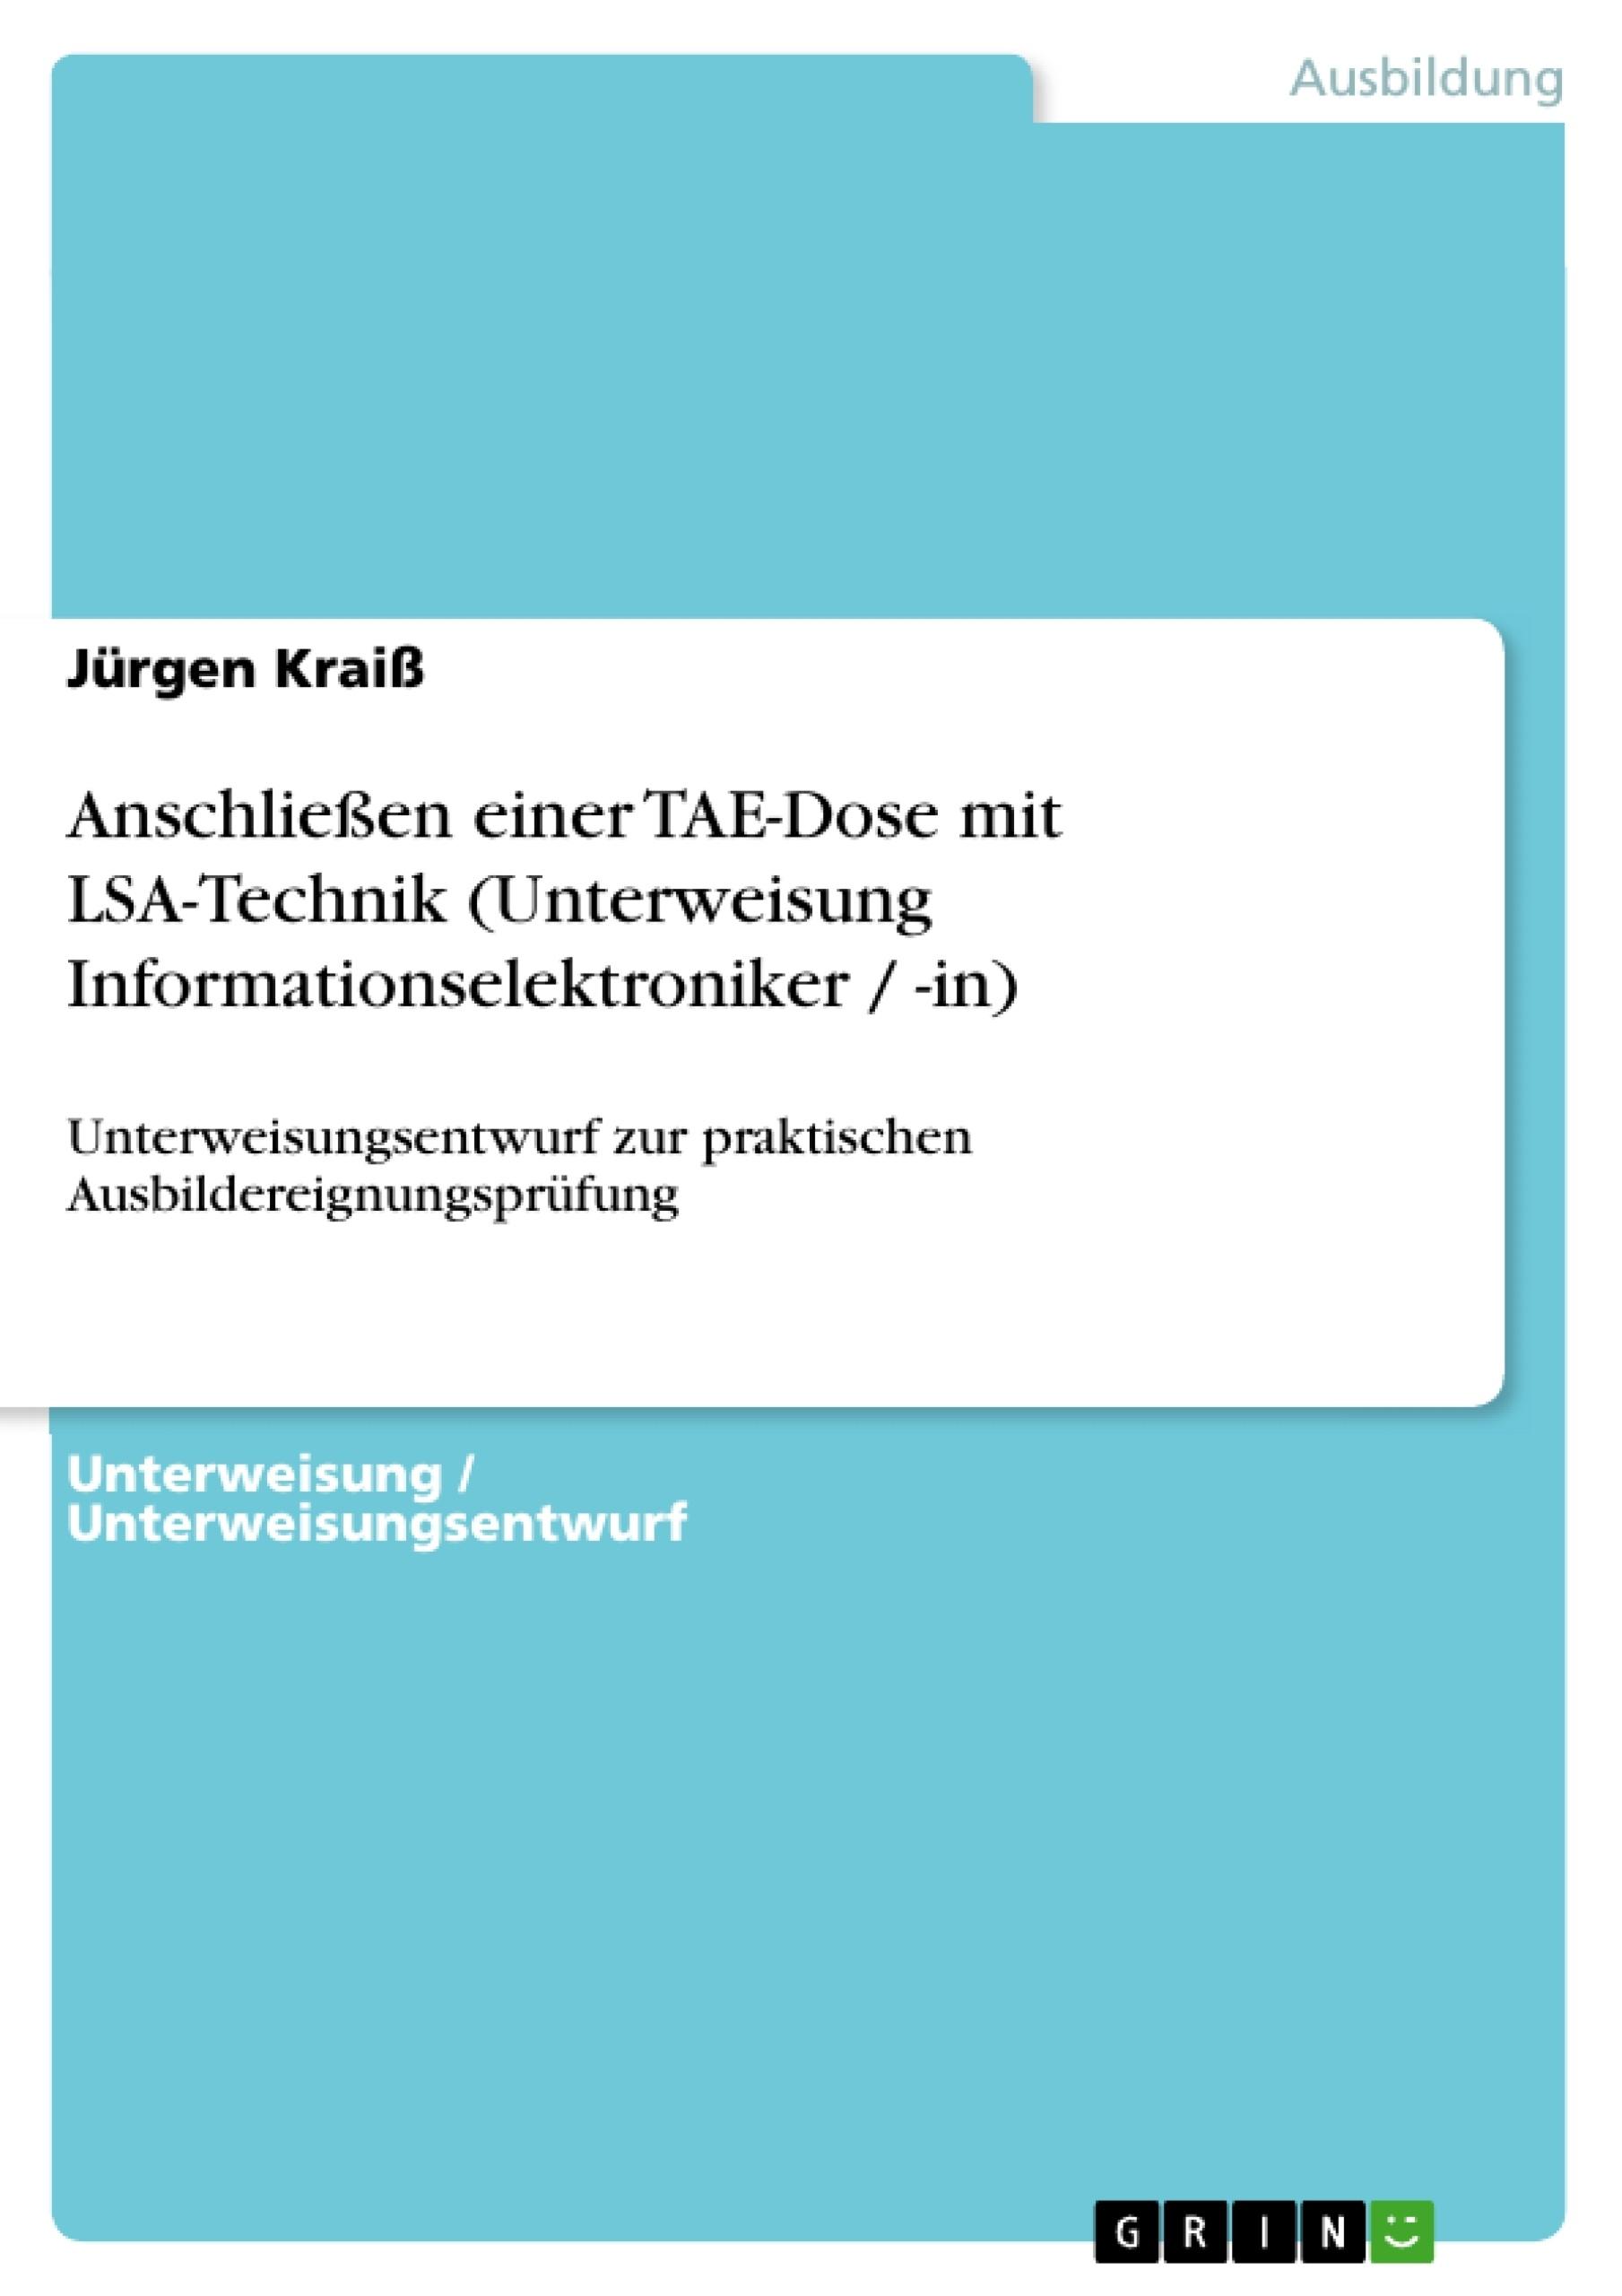 Titel: Anschließen einer TAE-Dose mit LSA-Technik (Unterweisung Informationselektroniker / -in)